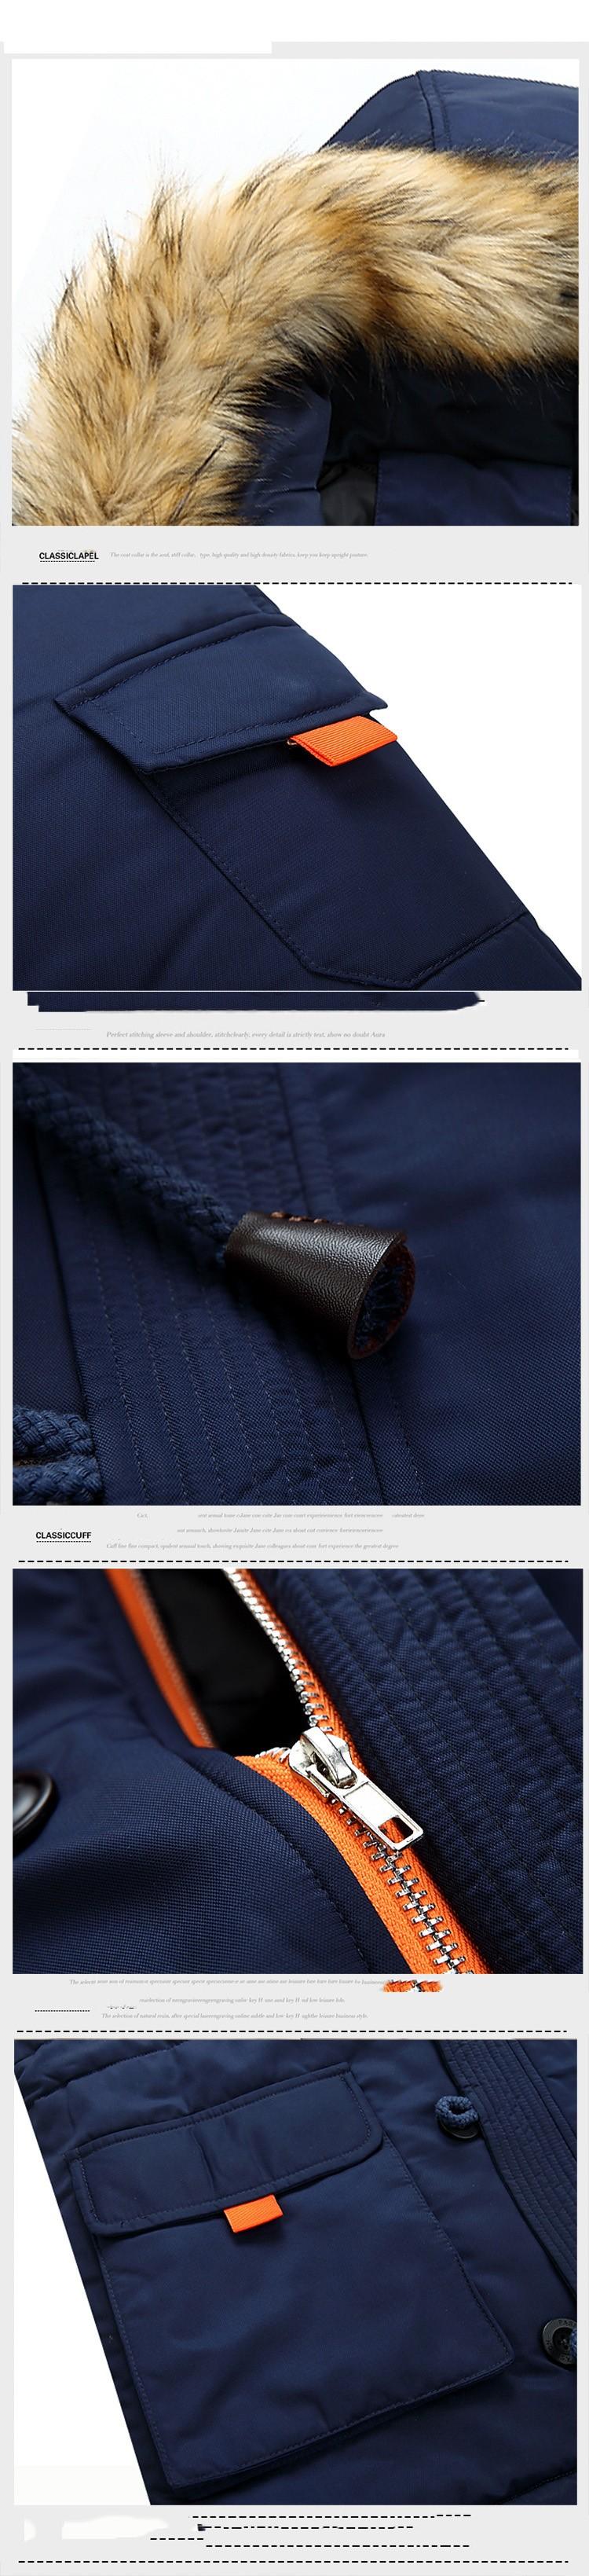 Скидки на Новое Поступление Хорошее Качество Мода, Стиль Мужчины Ветровки Мужчины Топы Теплый Толстый Зимний Повседневная Одежда Hoodied Молния Fly Три Цвета